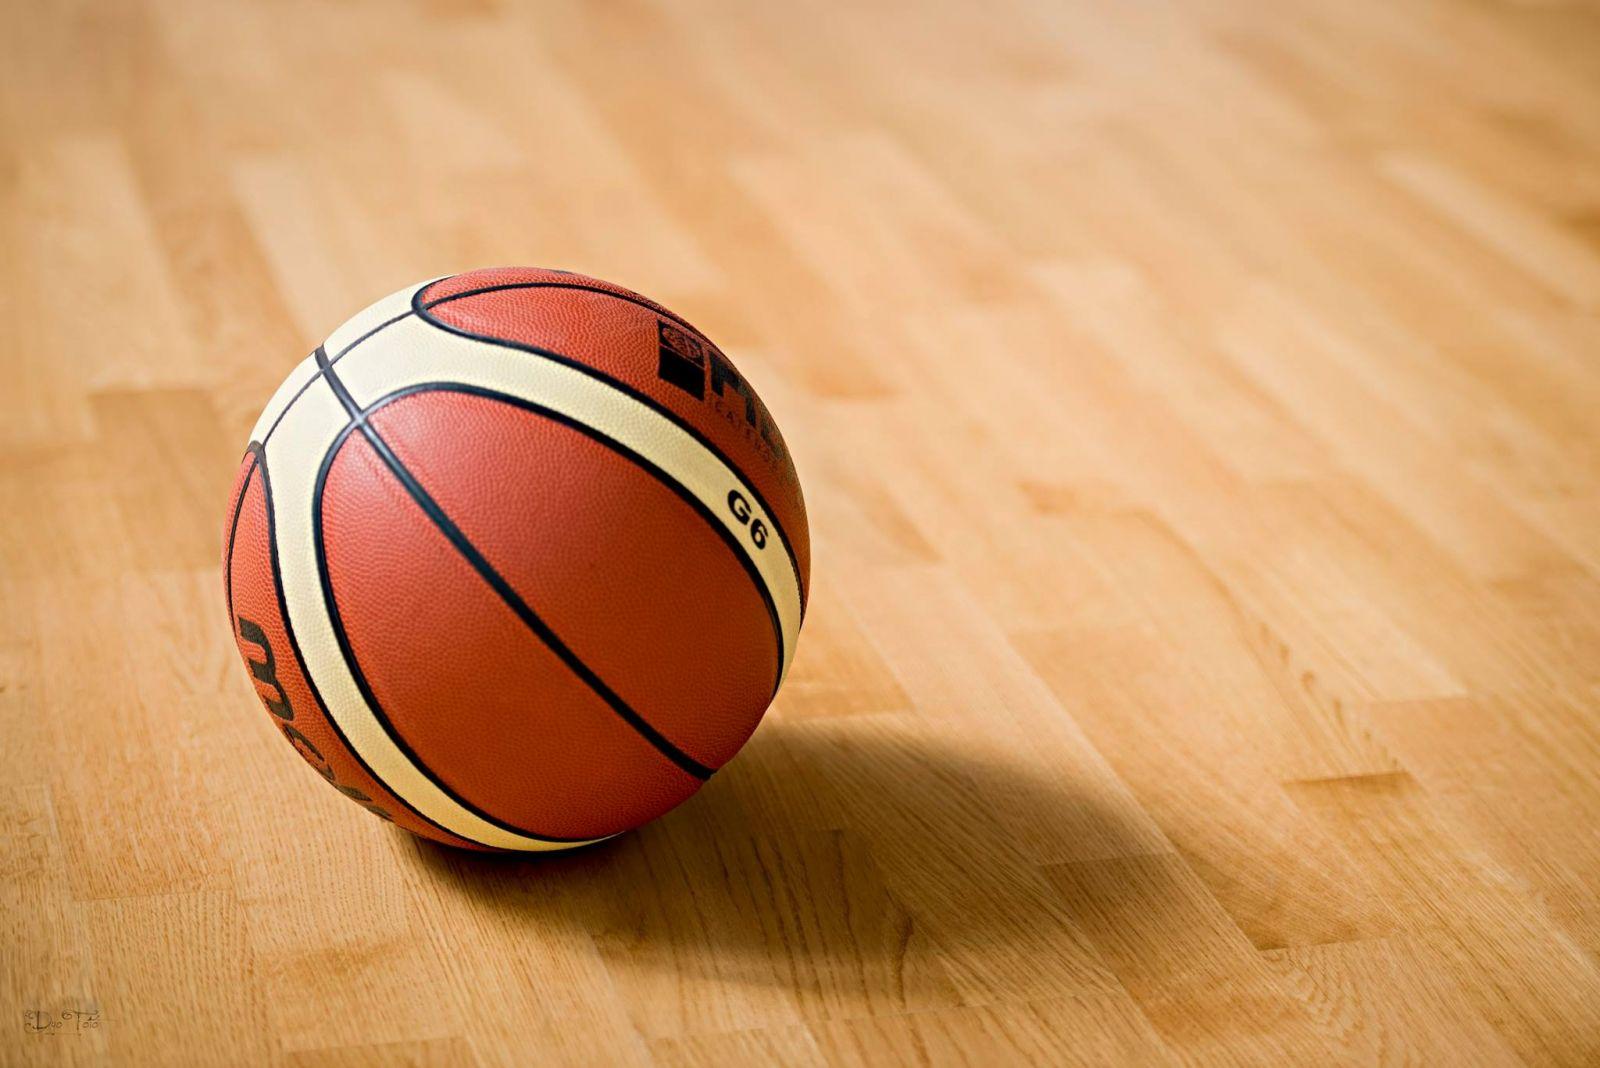 Monori alapszakasz győzelem a Pest megyei női kosárlabda bajnokságban